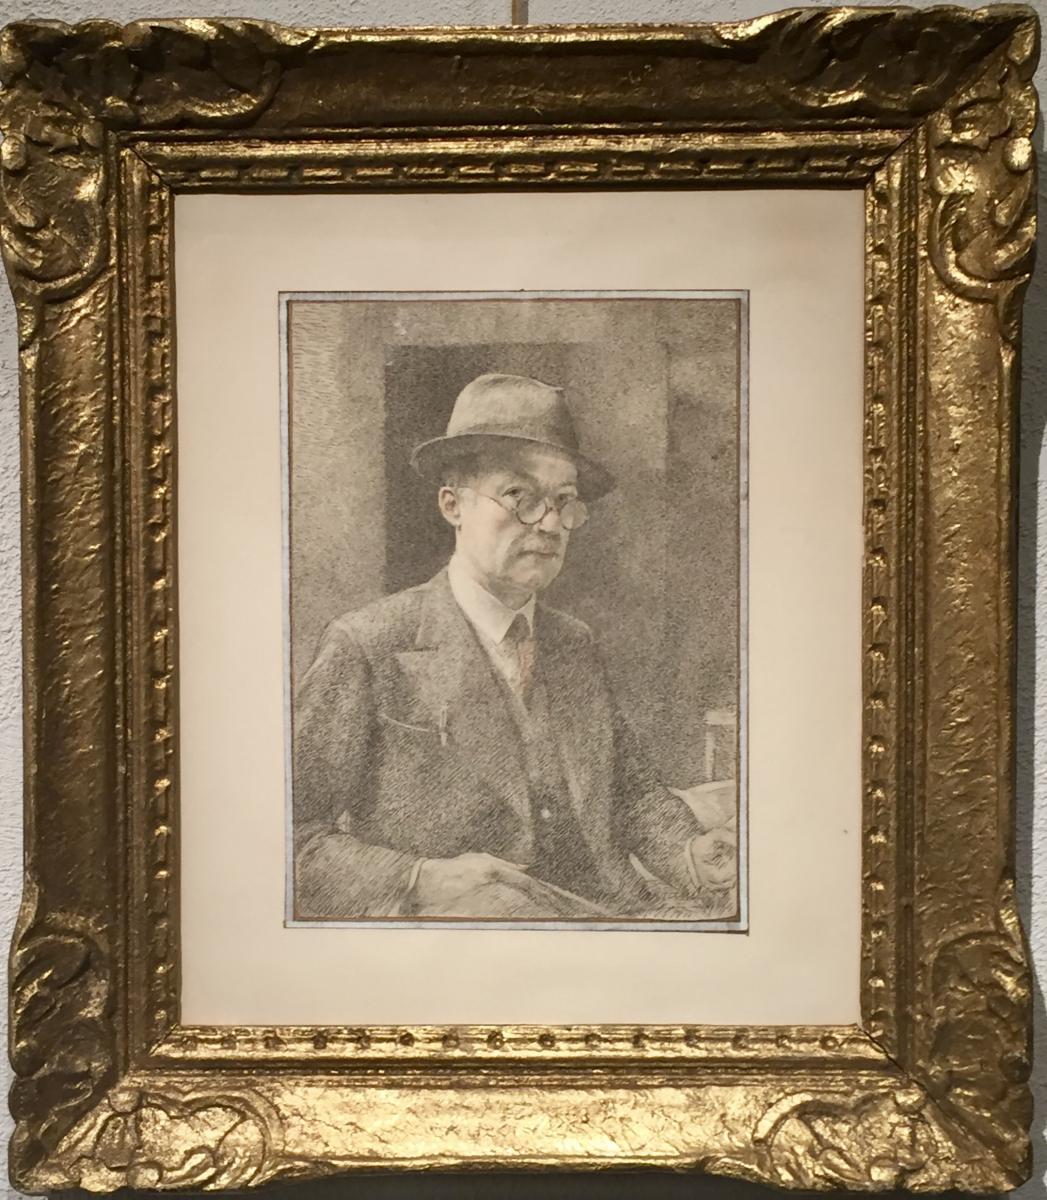 Léon GARRAUD par Léon GARRAUD (1877-1961)